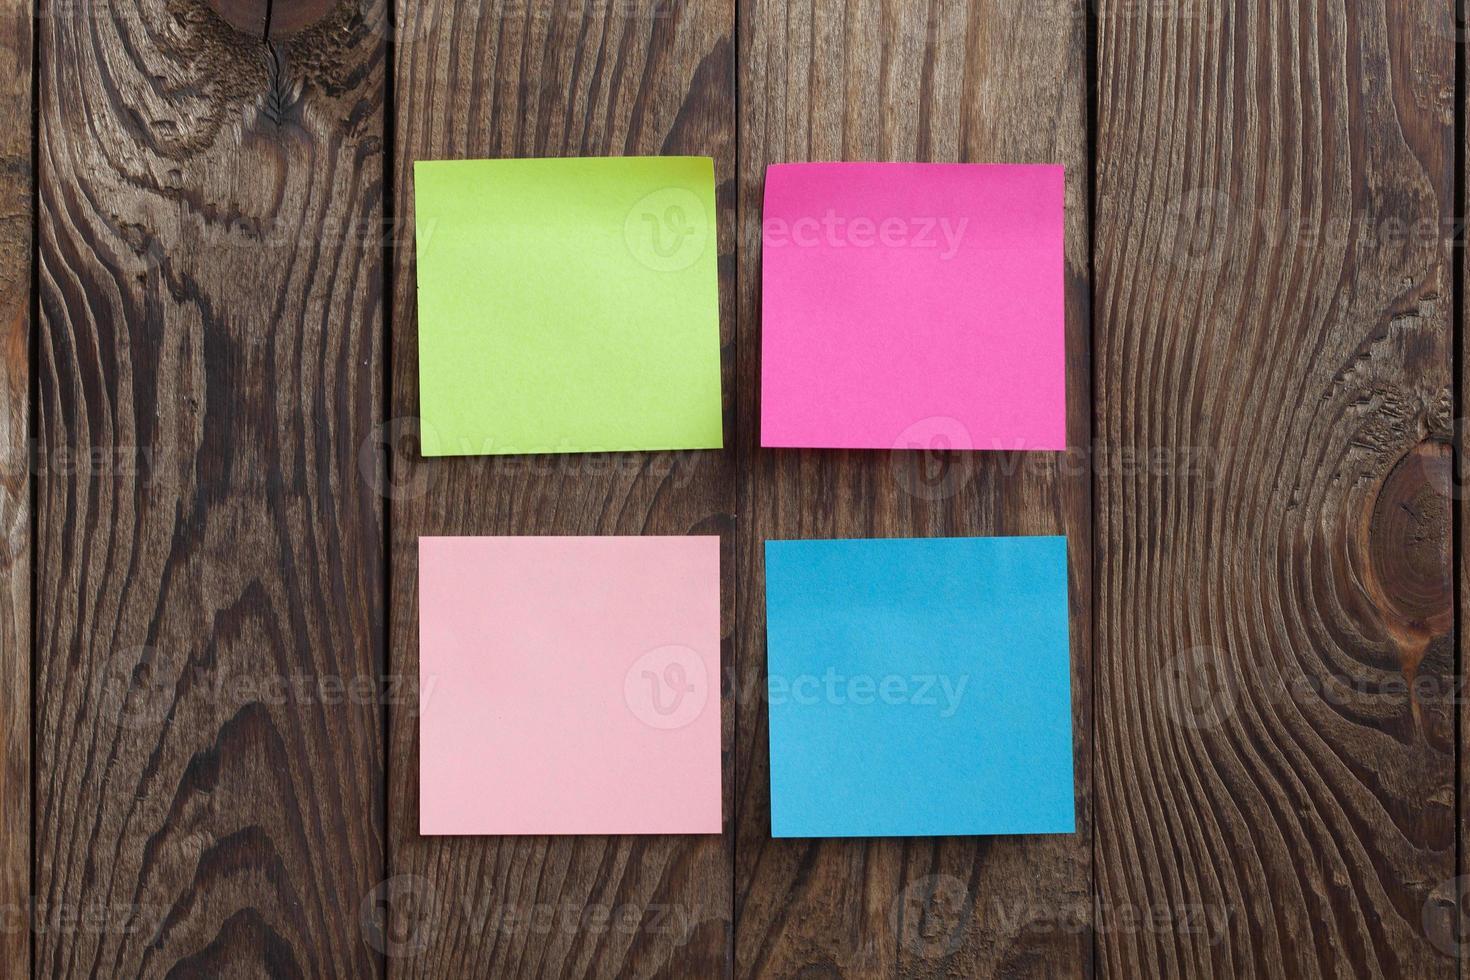 mångfärgade papper klistermärken anteckning på trä bakgrund foto